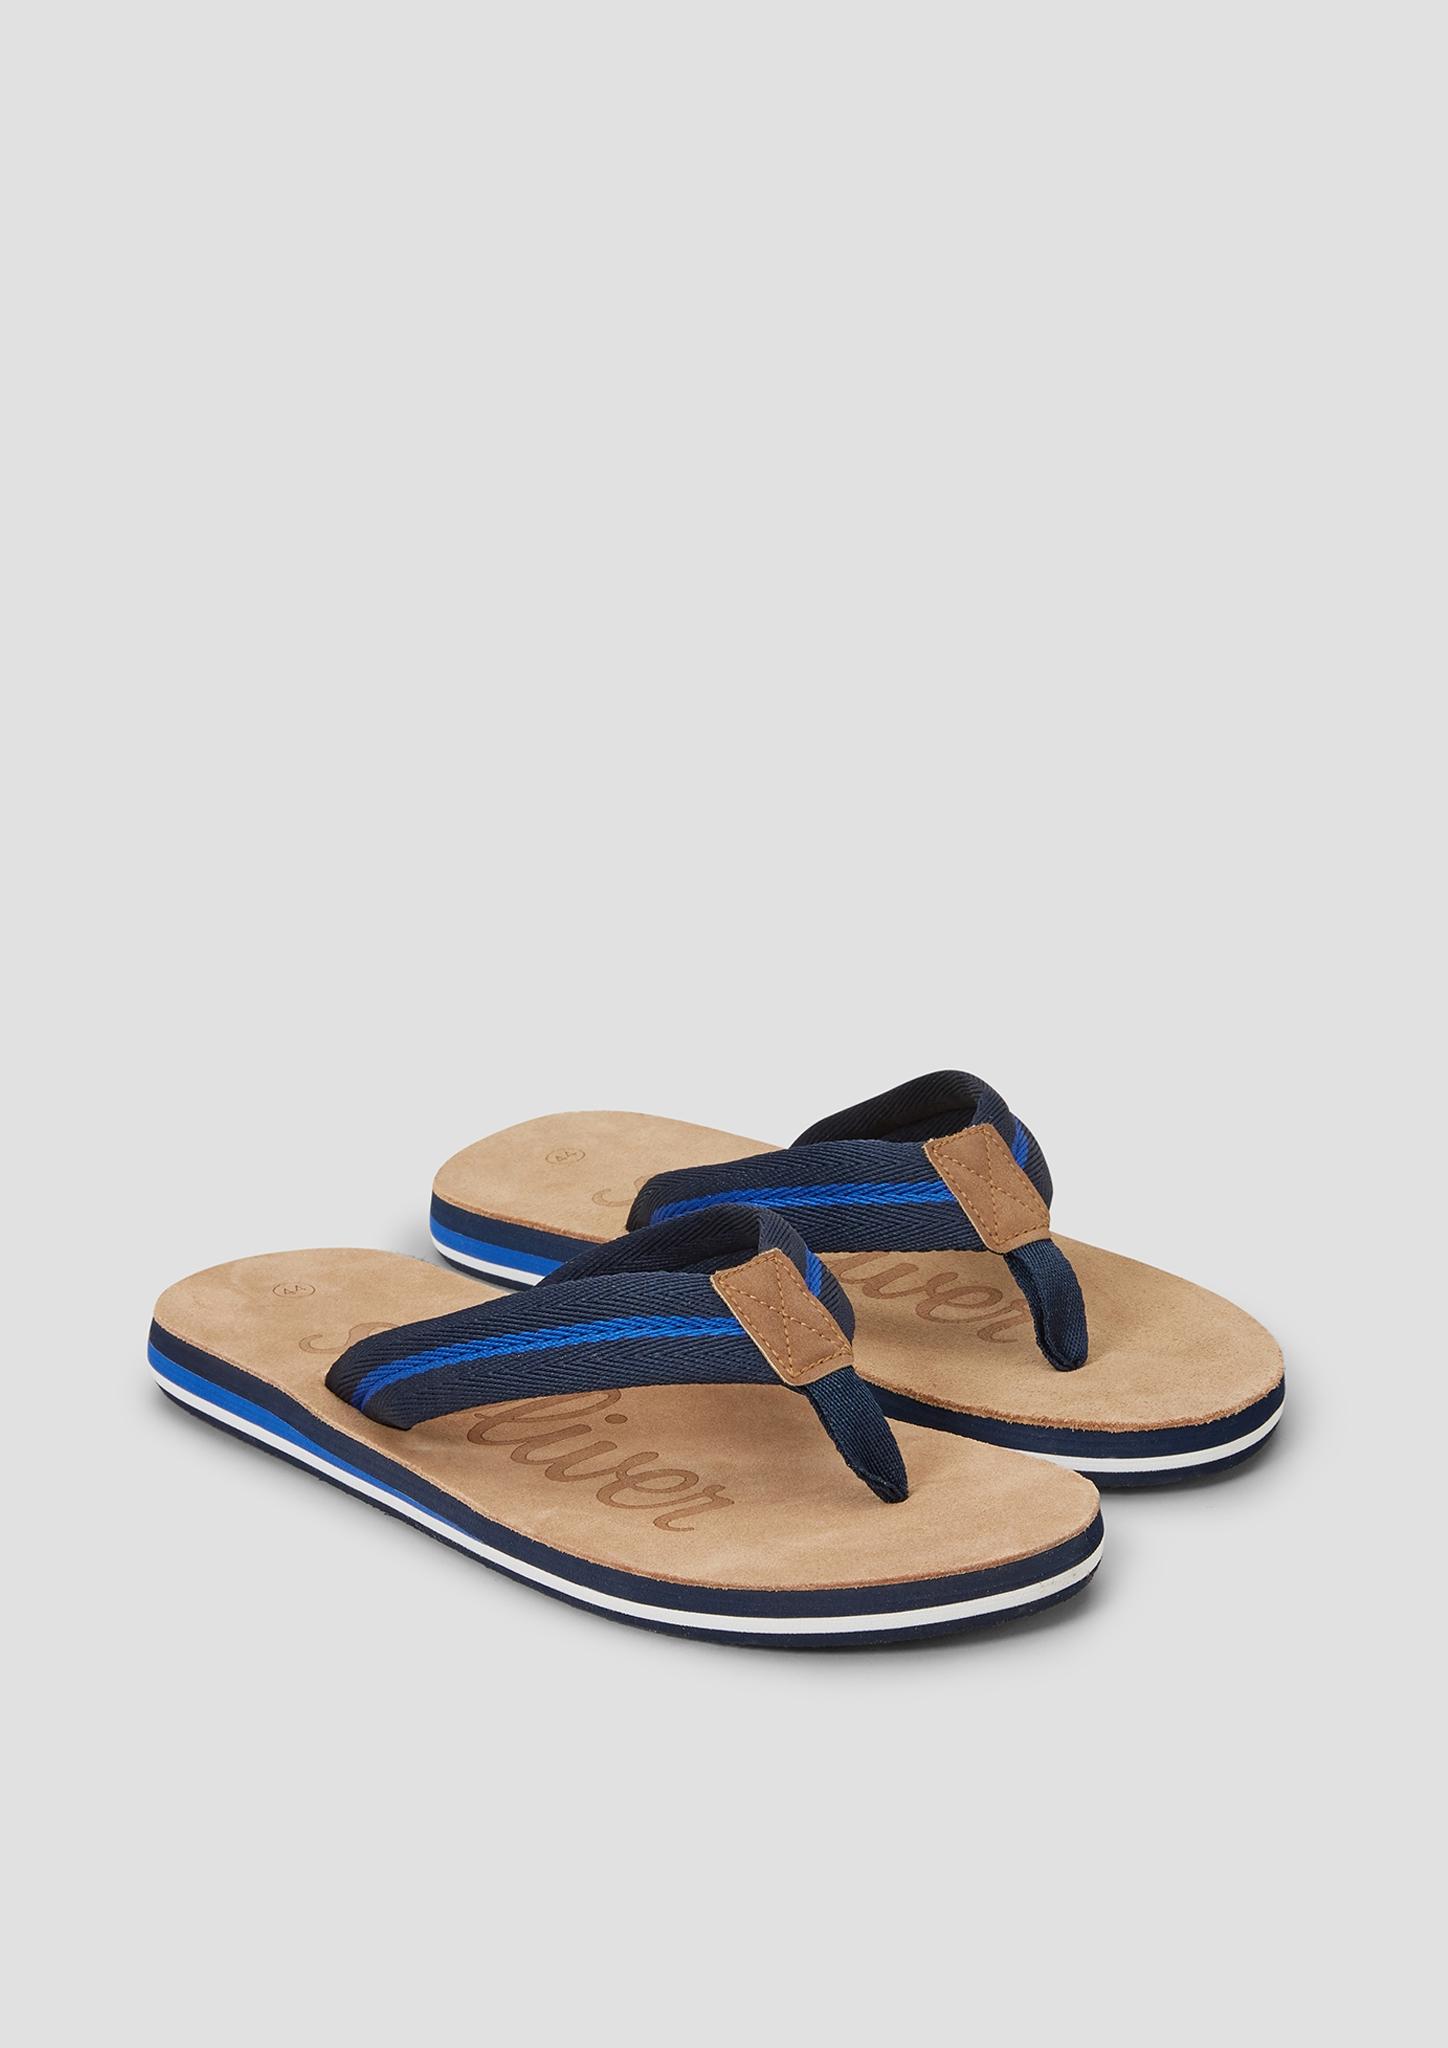 Zehenpantolette | Schuhe > Clogs & Pantoletten | Blau | Obermaterial: materialmix aus textil und synthetik| futter: textil| decksohle: leder| laufsohle: synthetik | s.Oliver